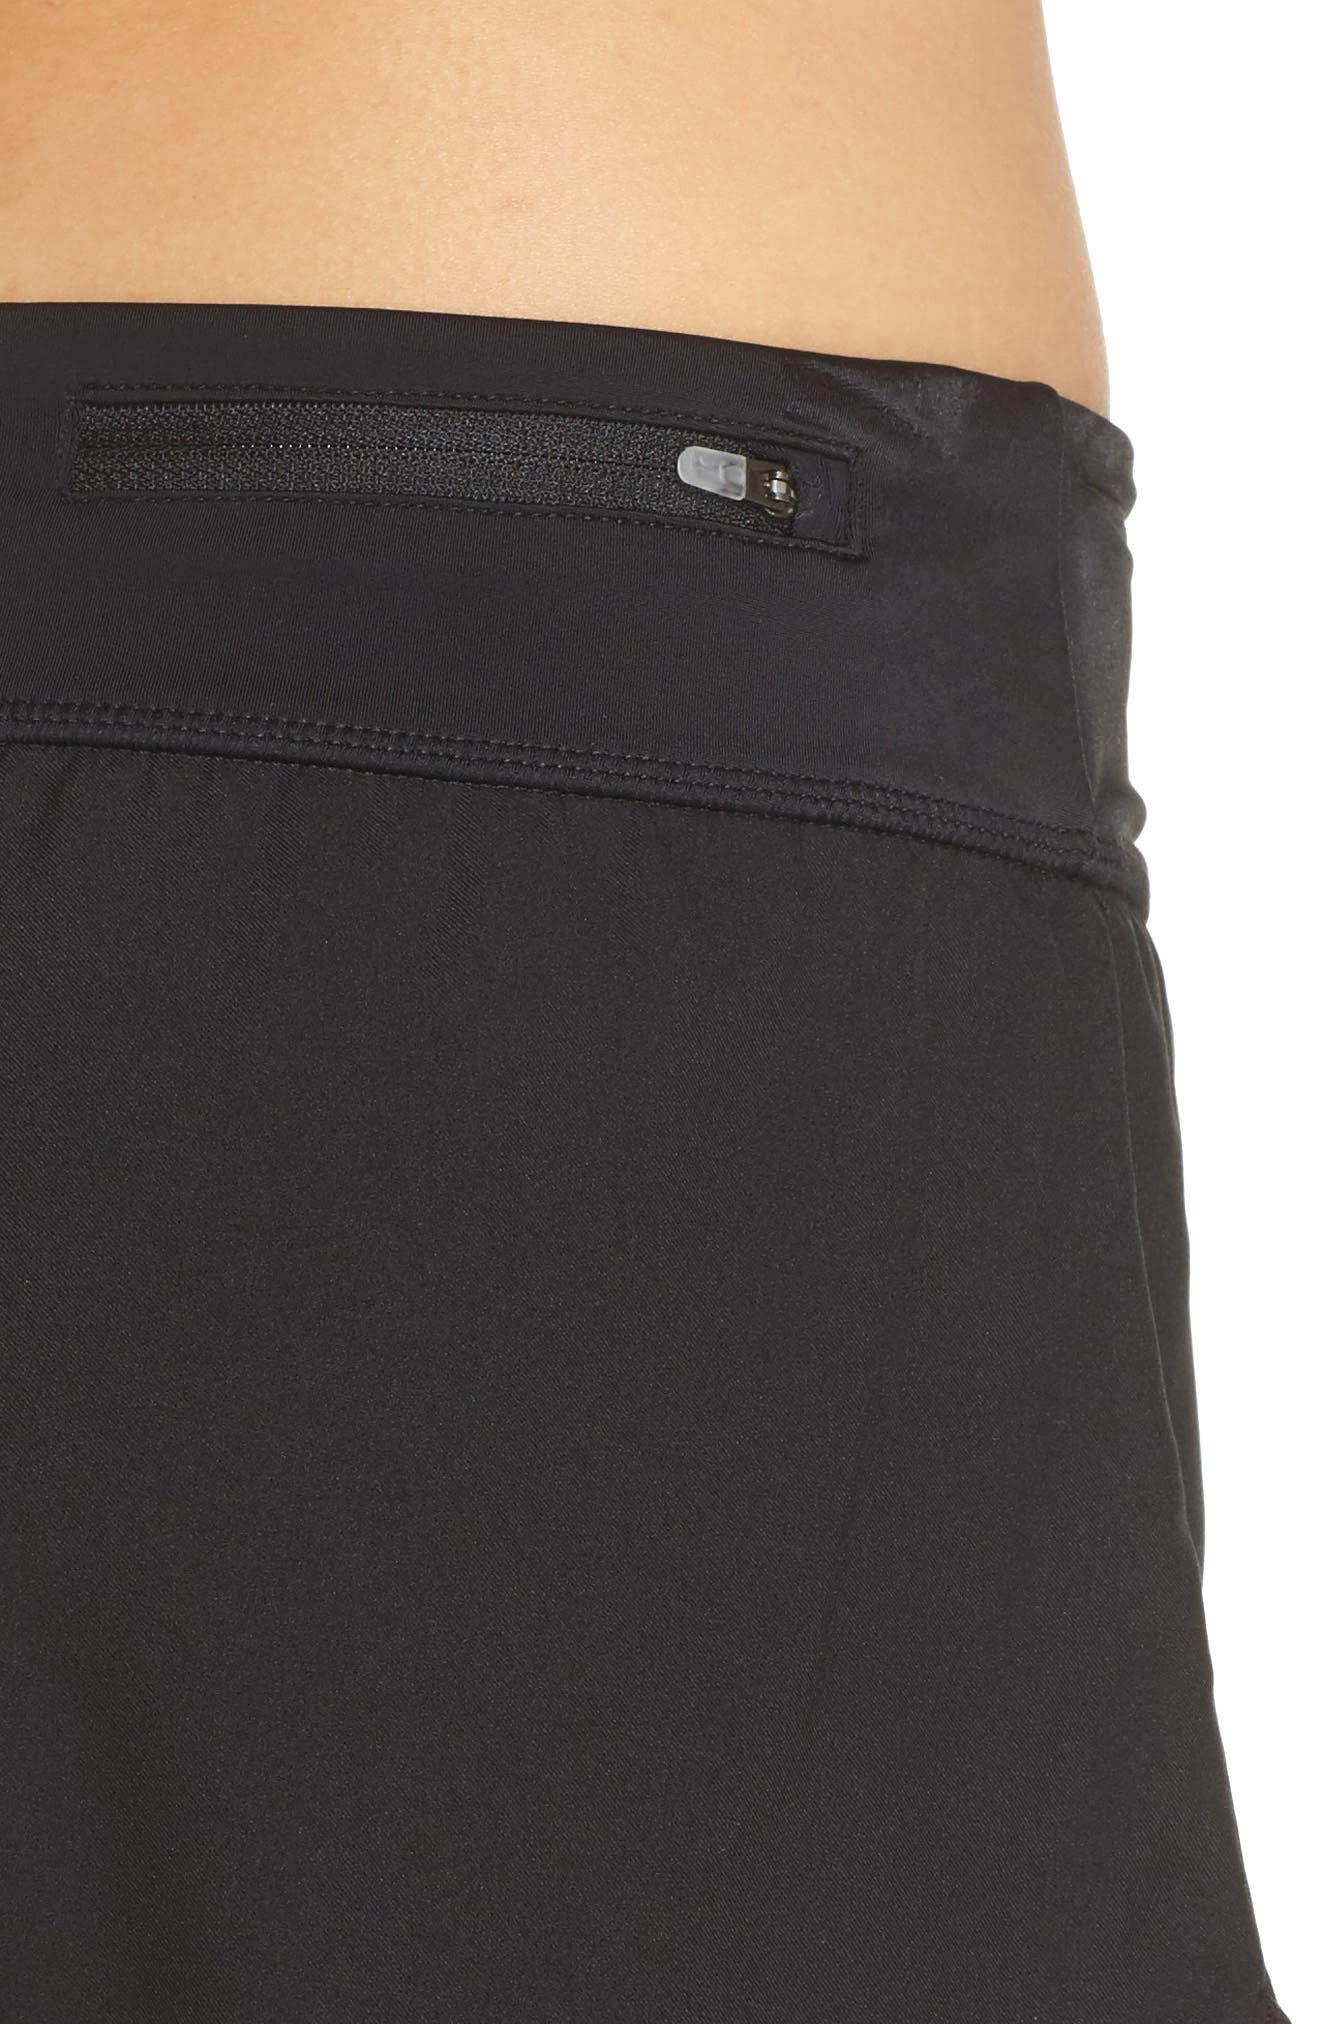 Swim Board Shorts,                             Alternate thumbnail 4, color,                             Black